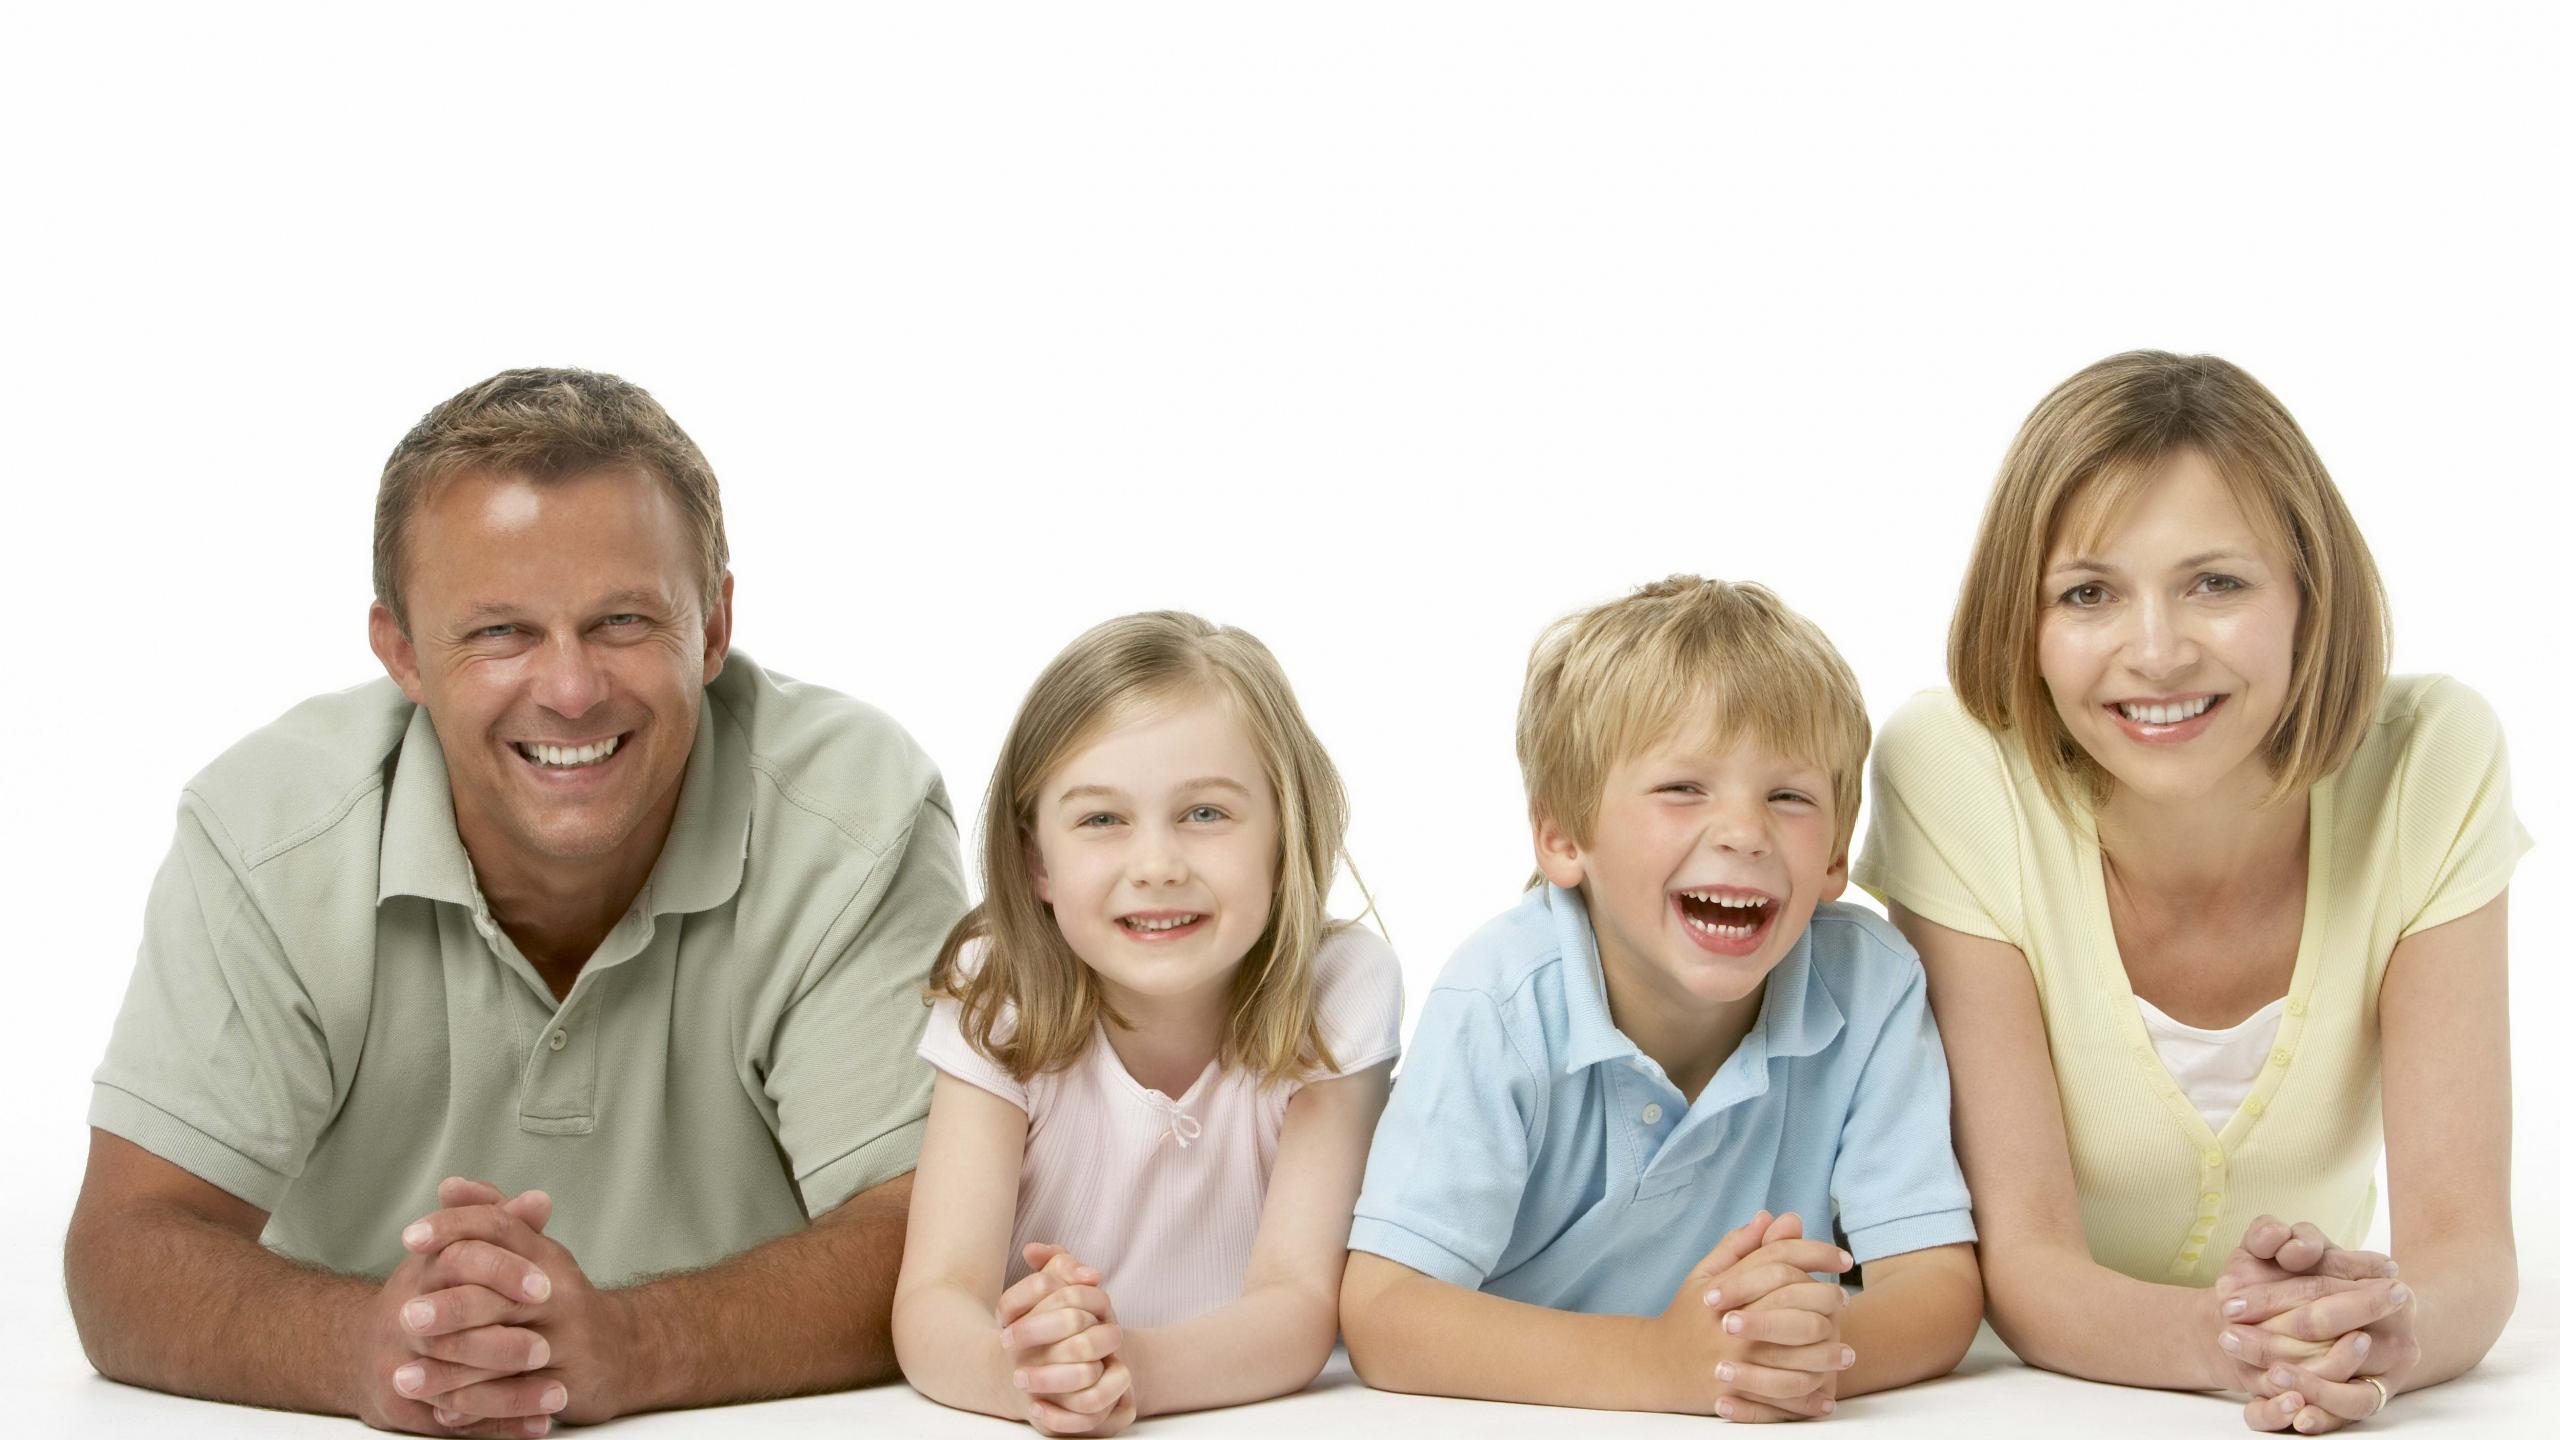 Ученые выяснили правила сохранения семьи, дружбы и партнерства